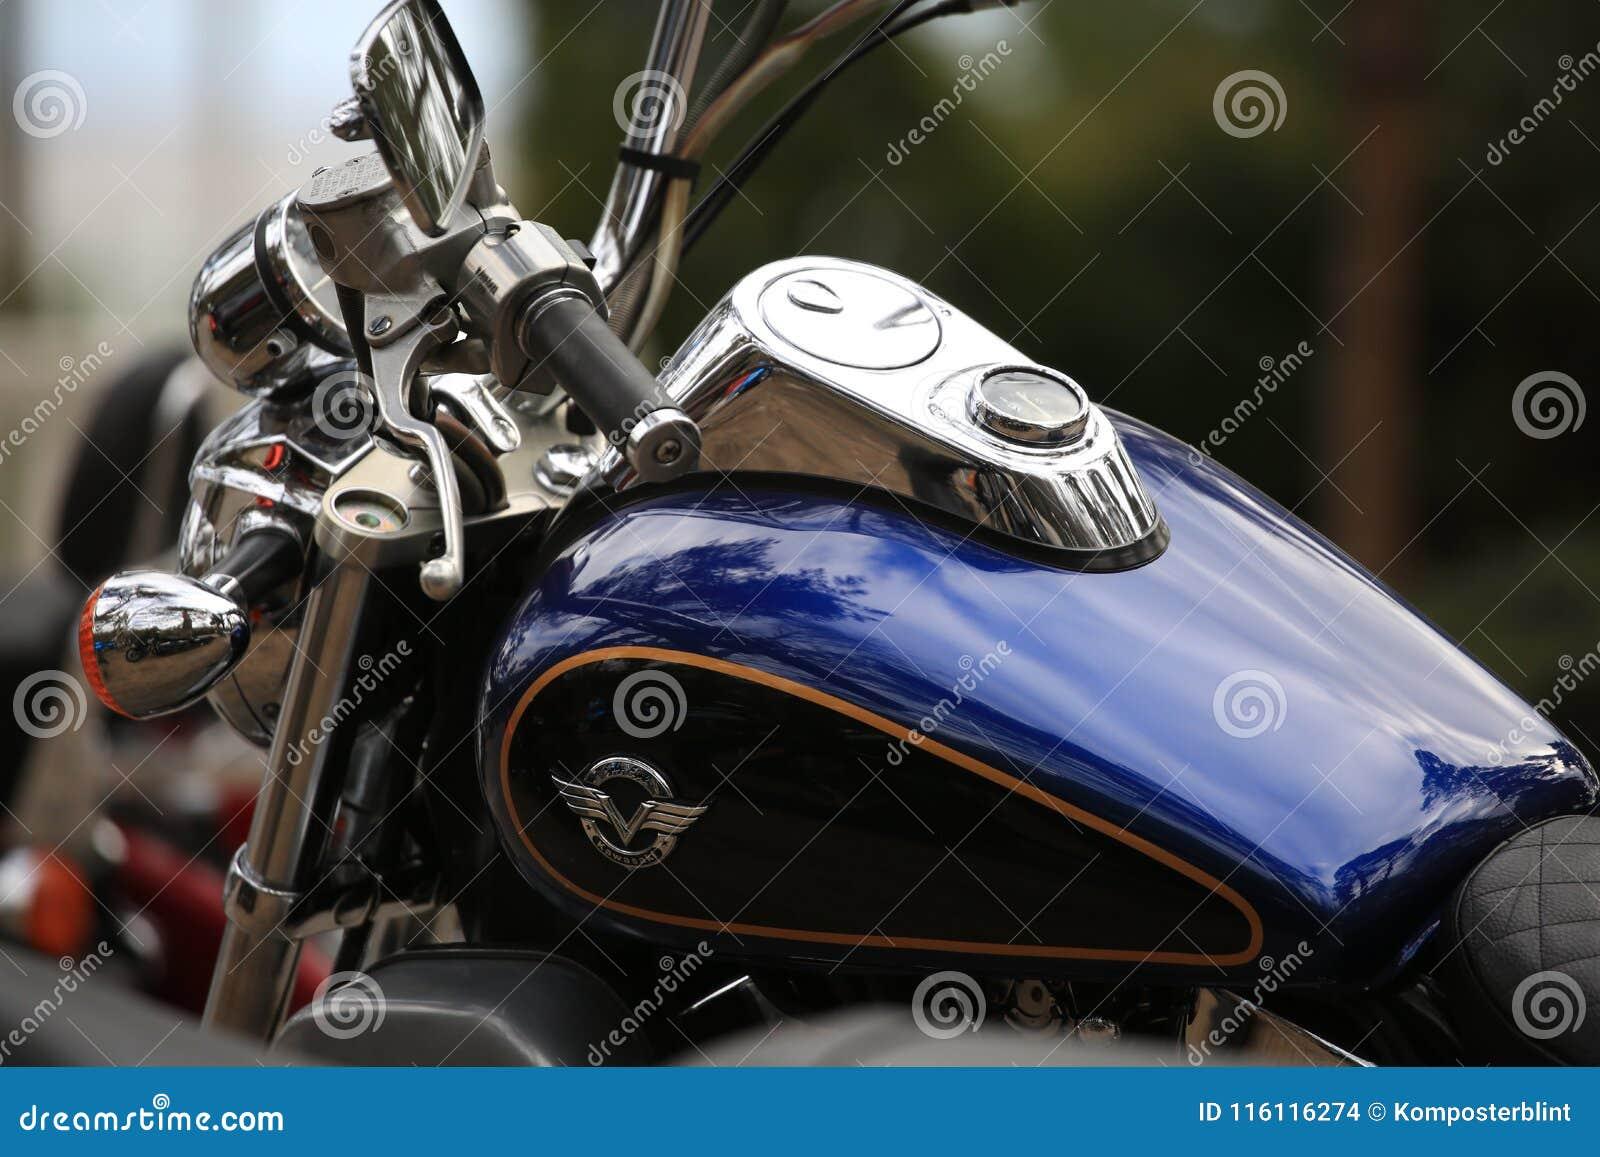 Motorcycle Kawasaki Vulcan Vn 1500 Blue And Black Fuel Tank And